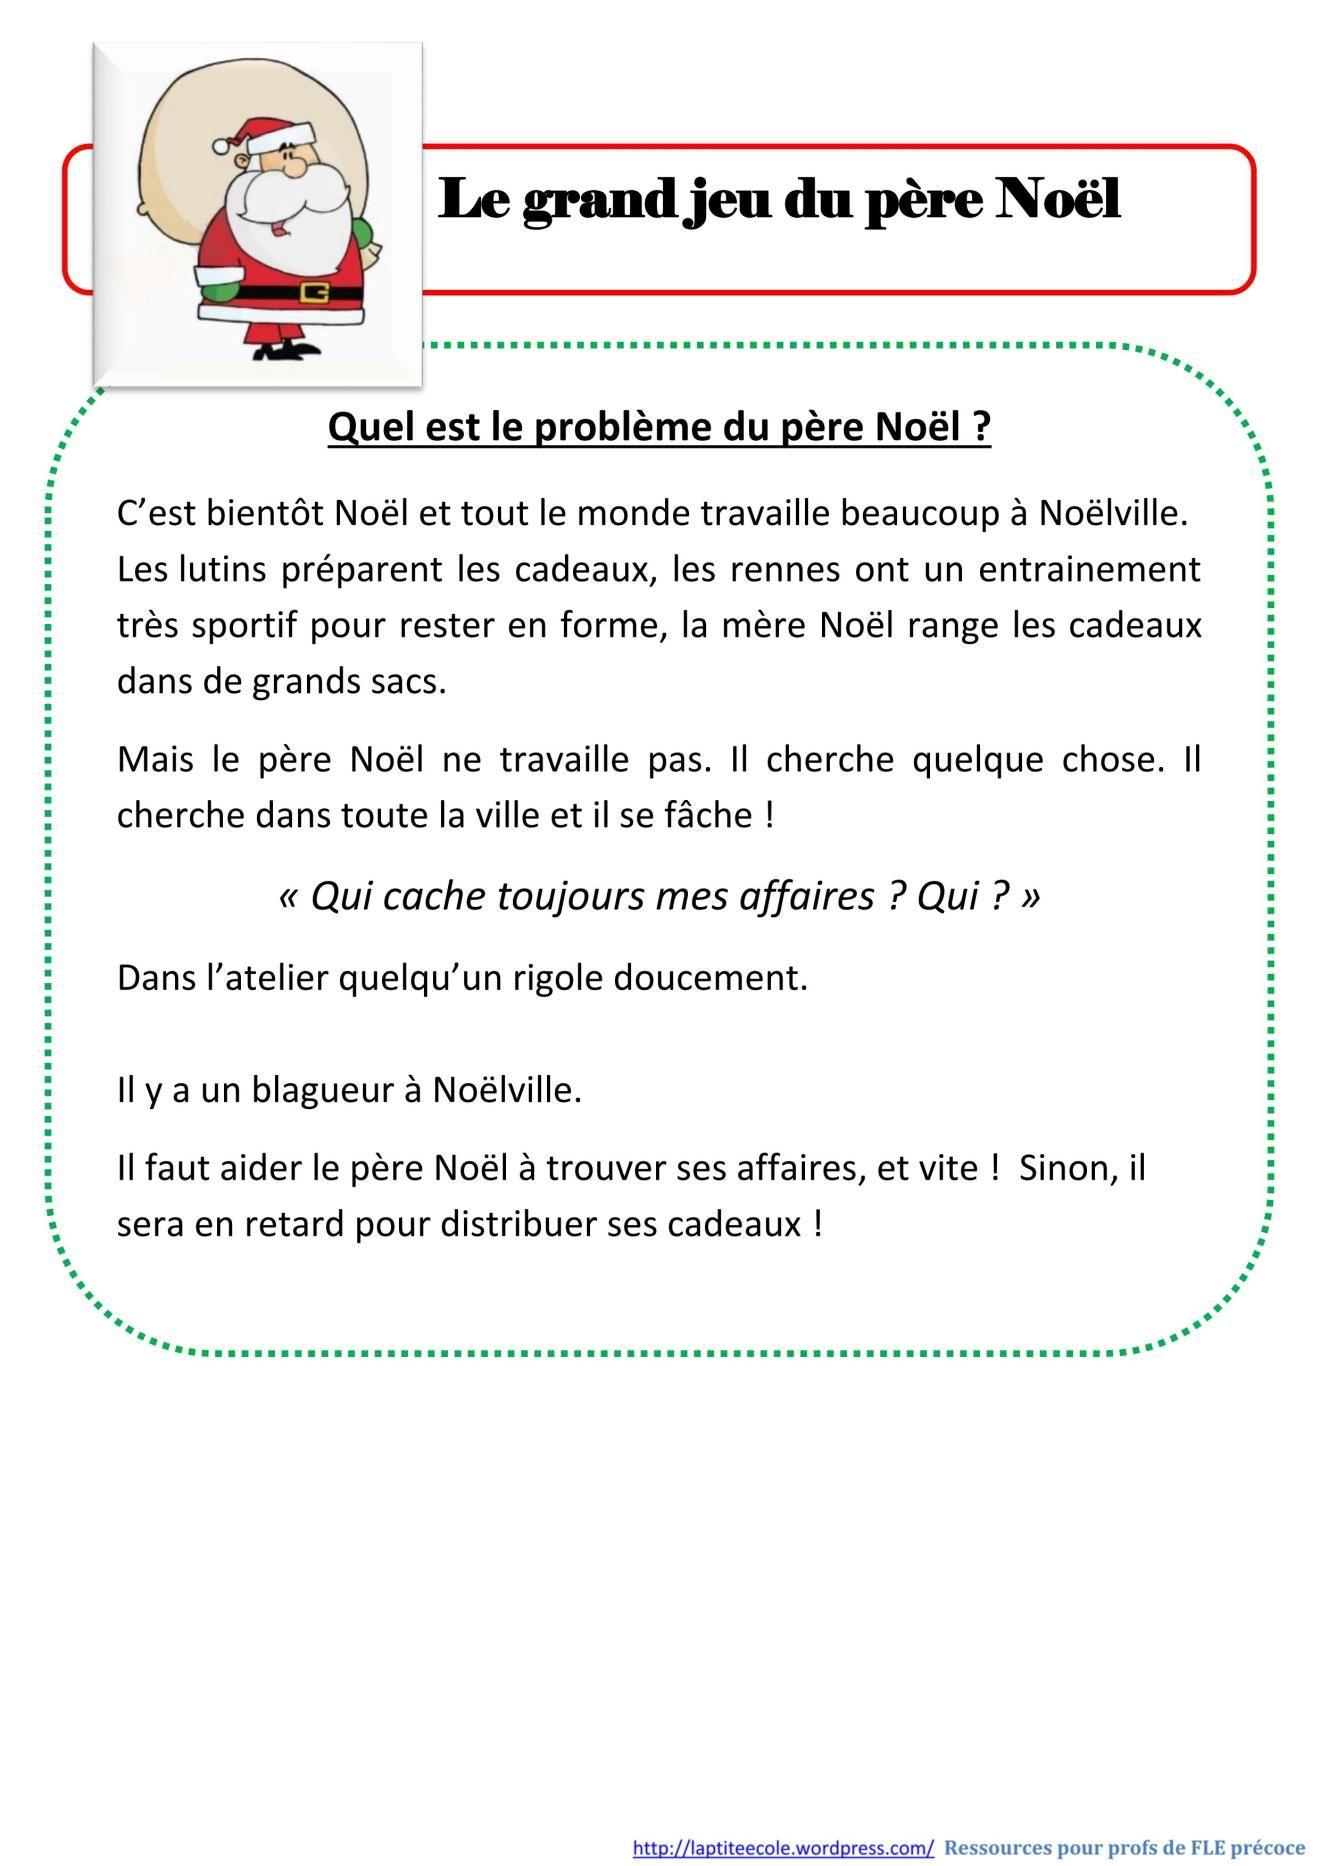 Le Cluedo De Noel La Ptite Ecole Du Fle Le Cluedo De Noel Devinette De Noel Jeux Noel Activite Noel Maternelle